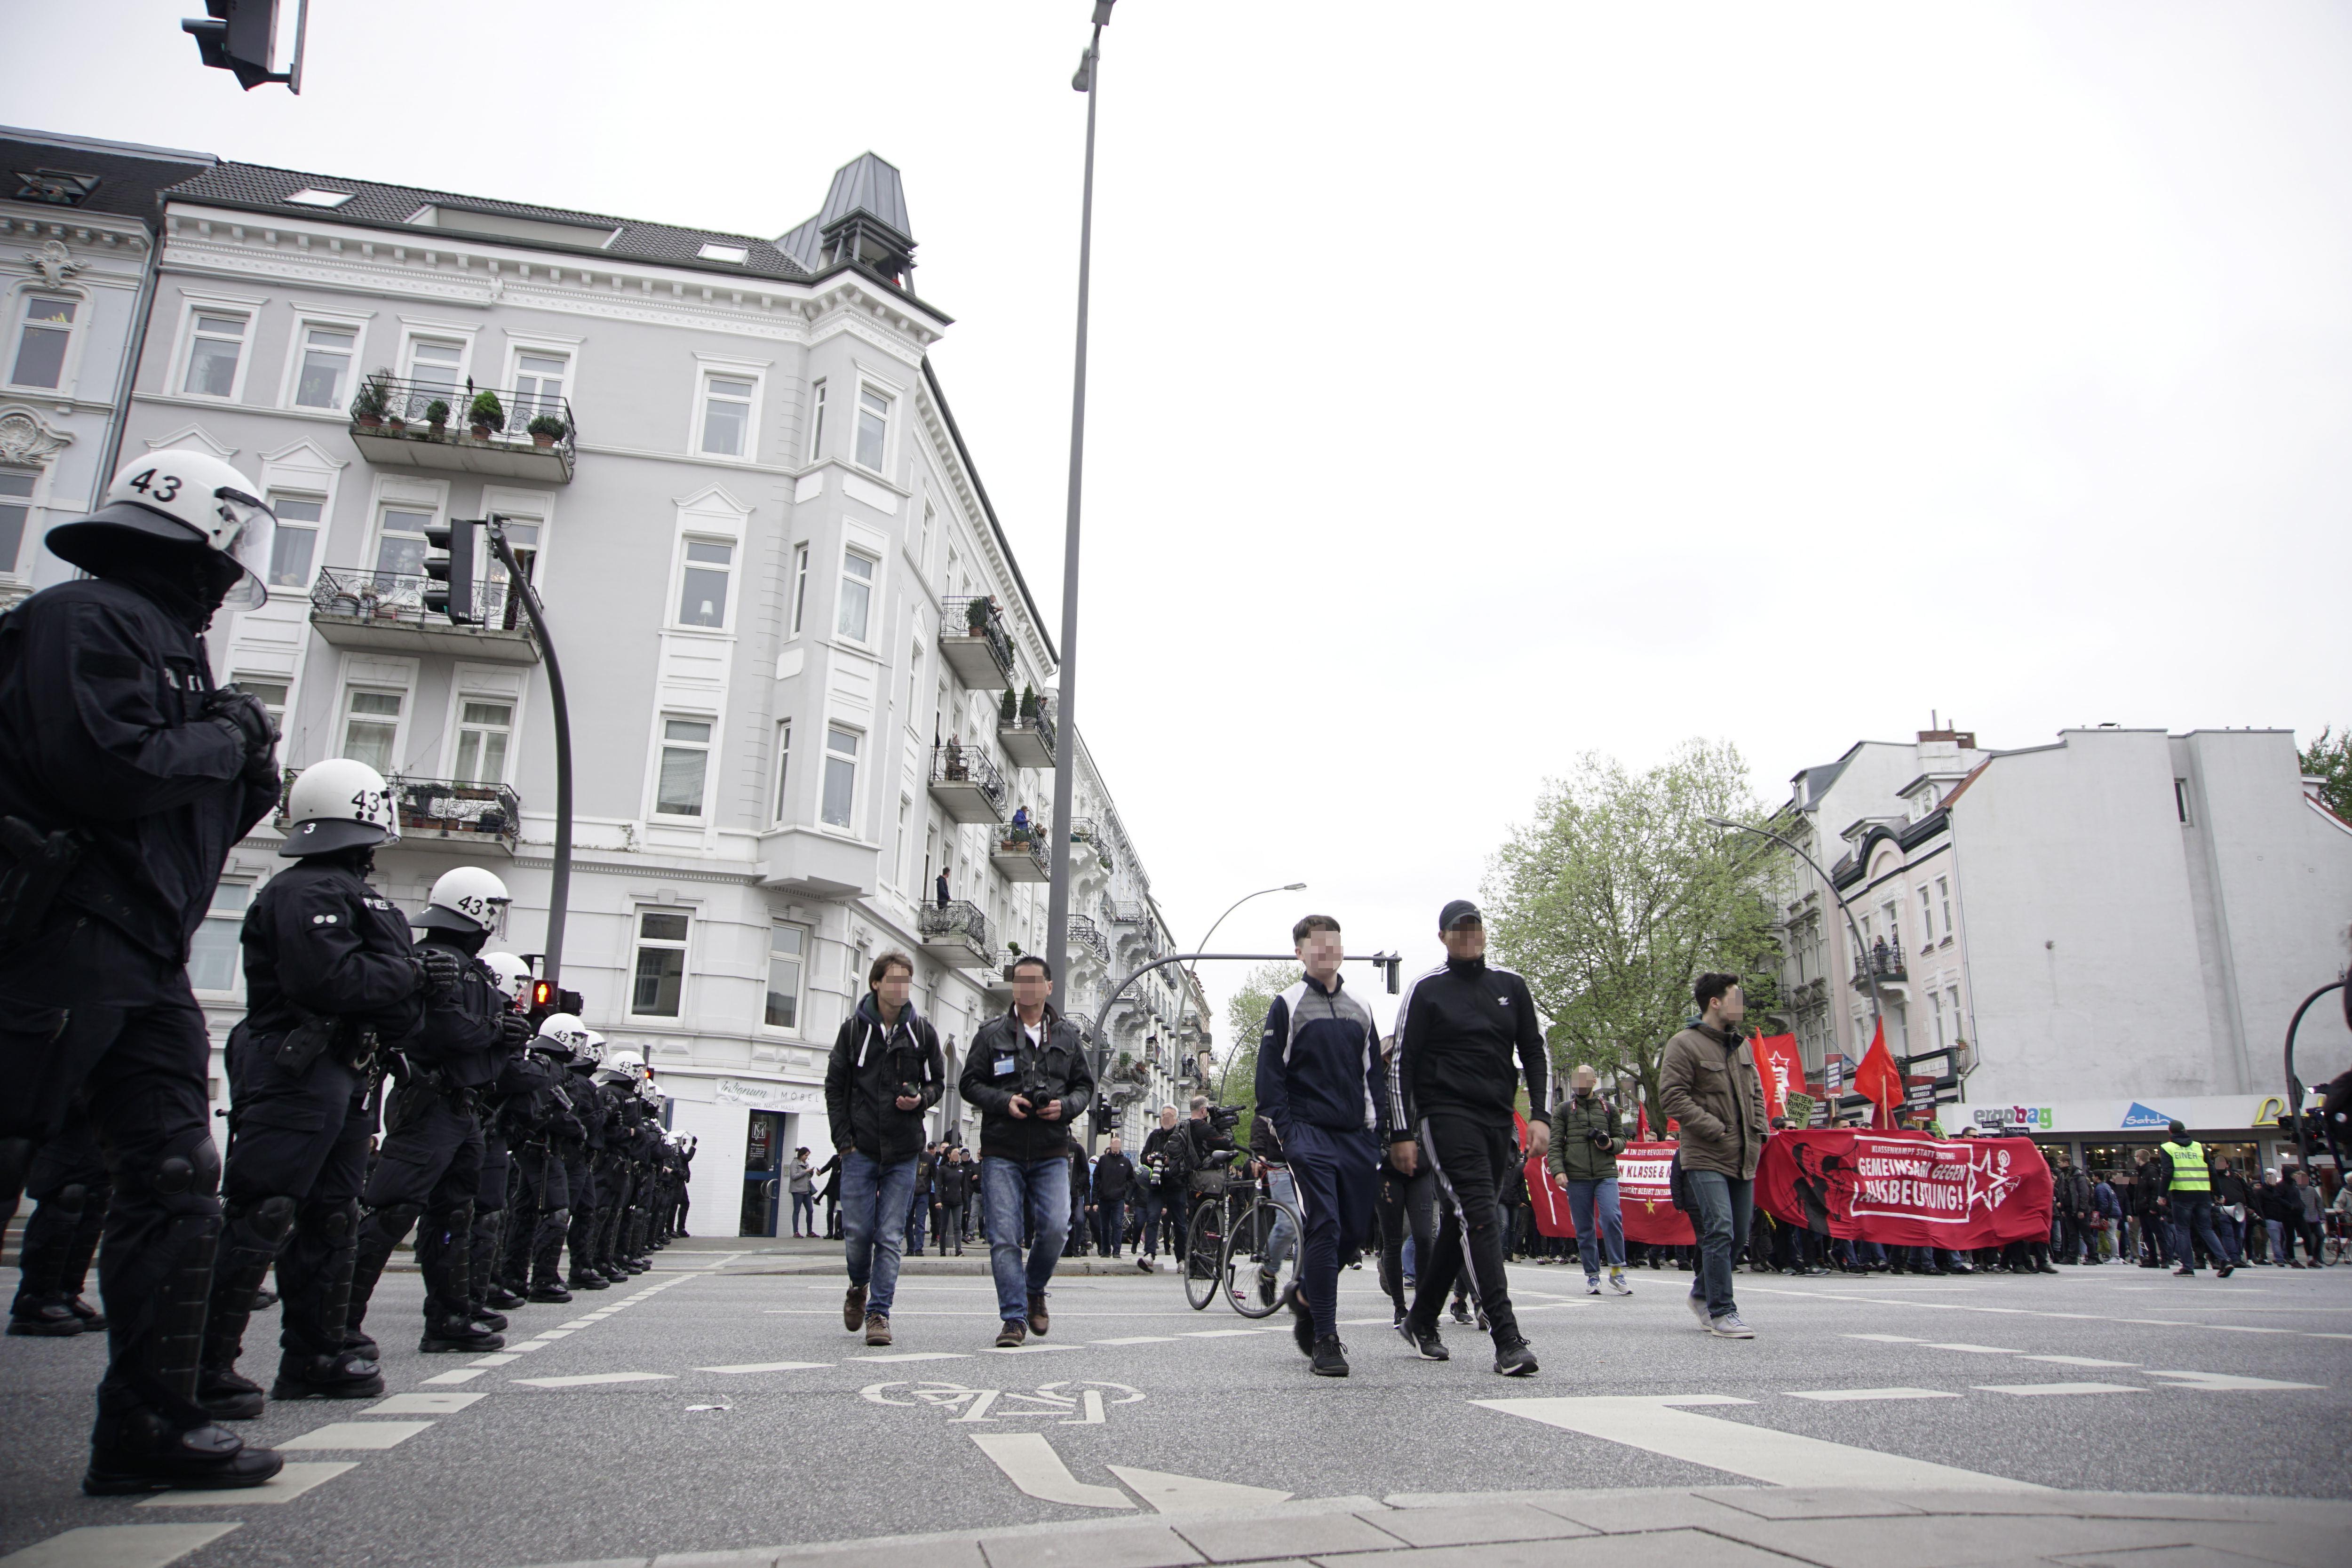 Die Route der Demonstranten führte auch über die Kreuzung Schulweg/Osterstraße. Foto: Stefan Fraberger